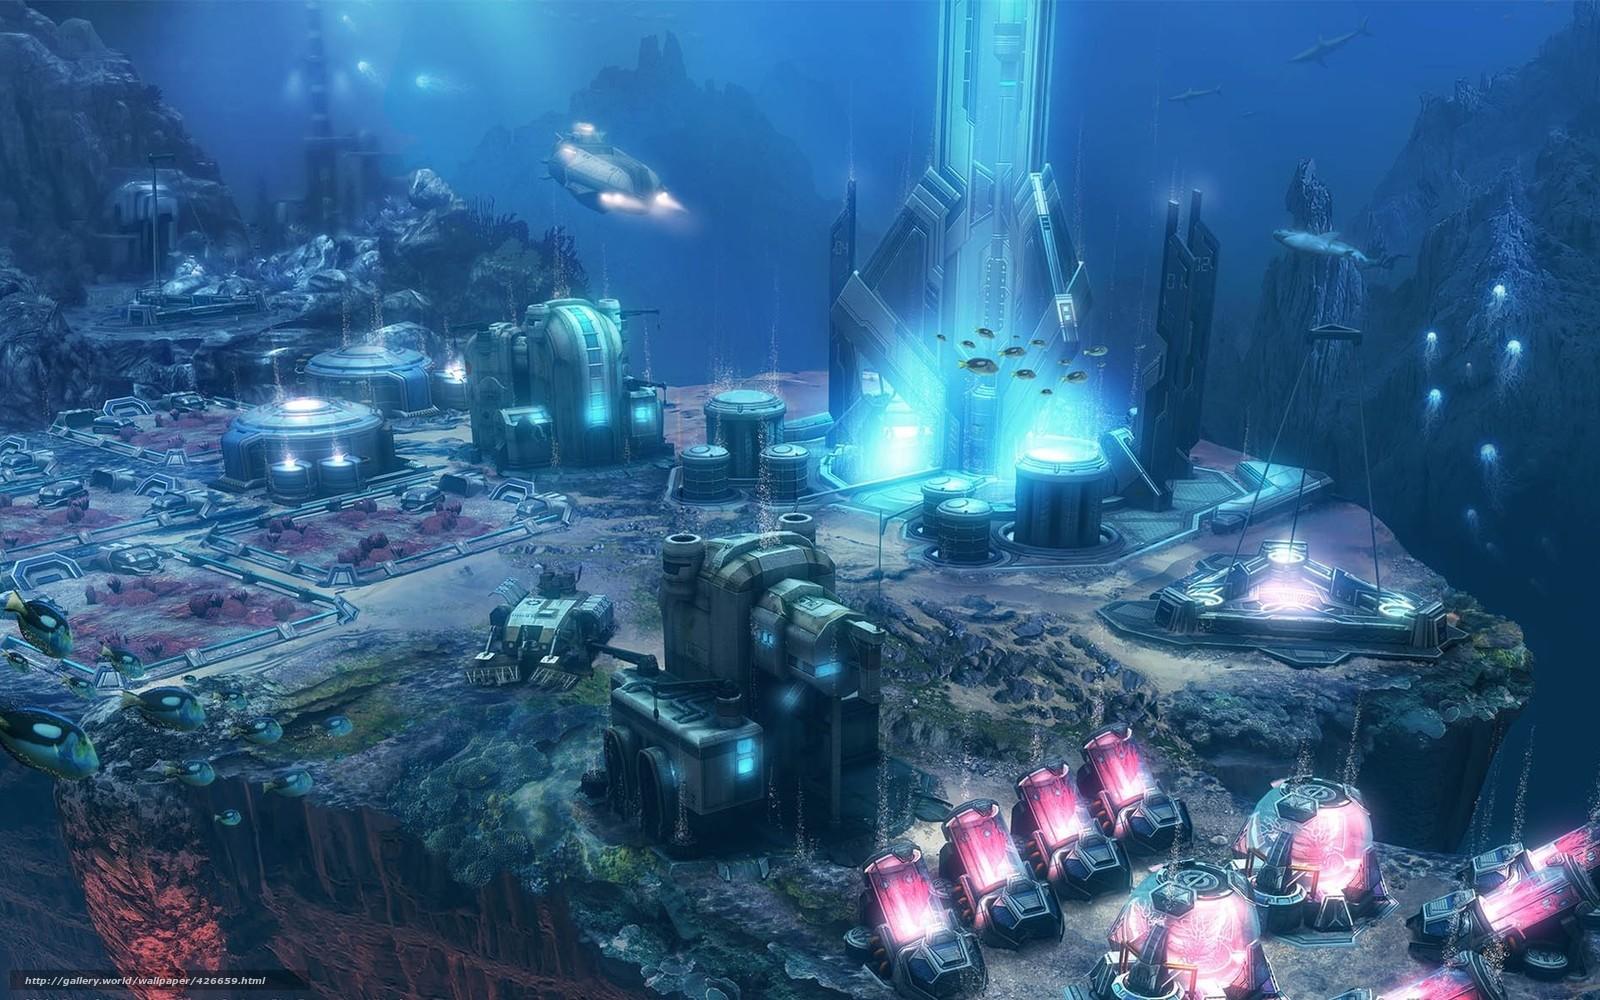 Океан вода подводный мир станция